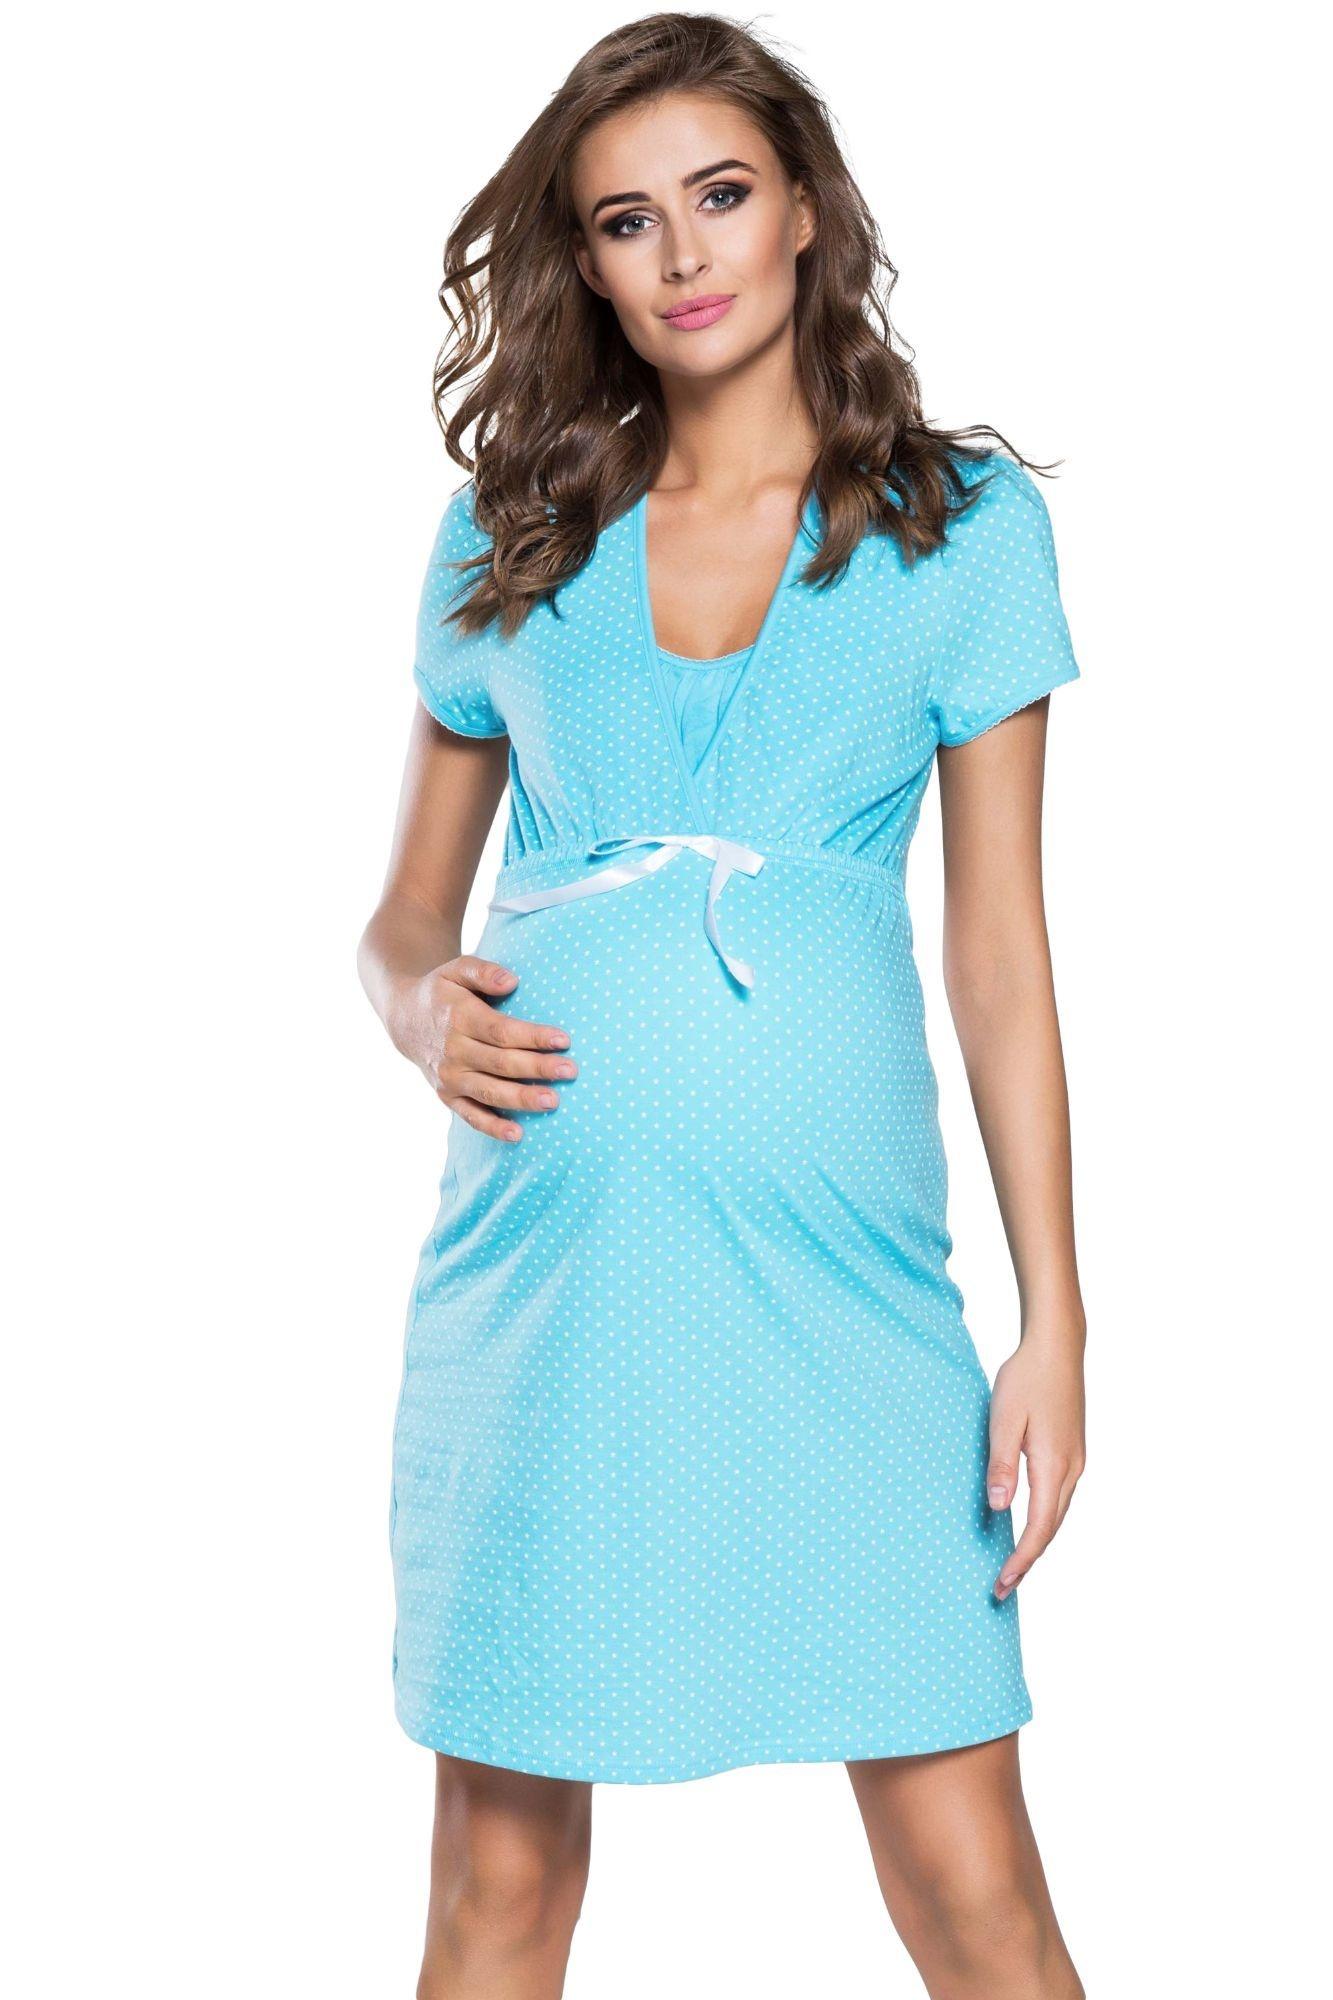 abc9e2759c64 Tehotenská a dojčiaca nočná košeľa Alena modrá - ELEGANT.sk